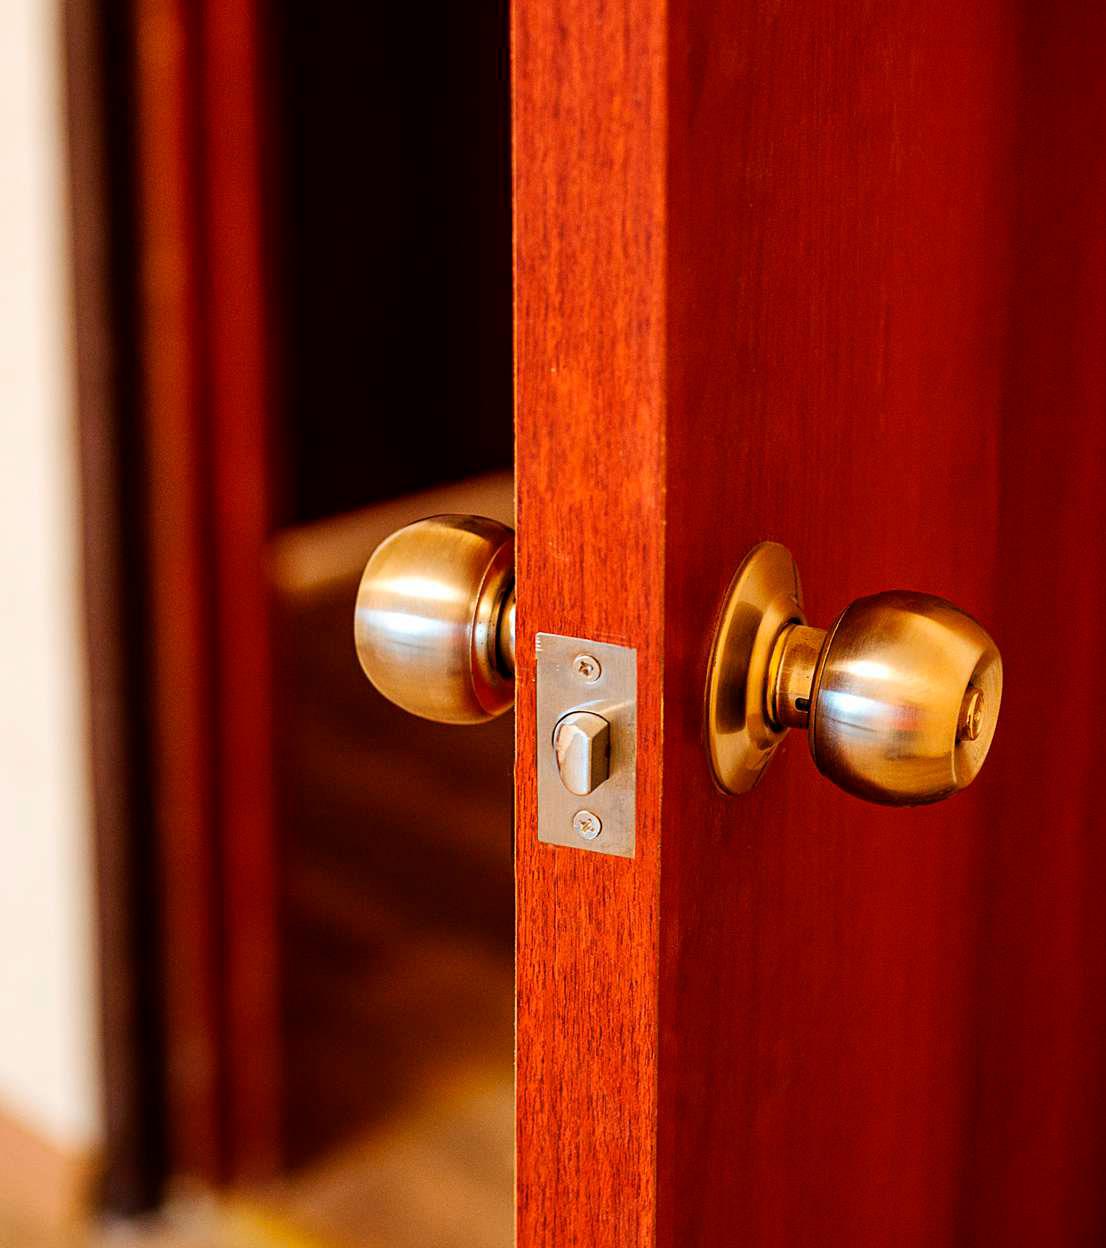 Межкомнатные двери будут оснащены фурнитурой—дверными упорами ипетлями